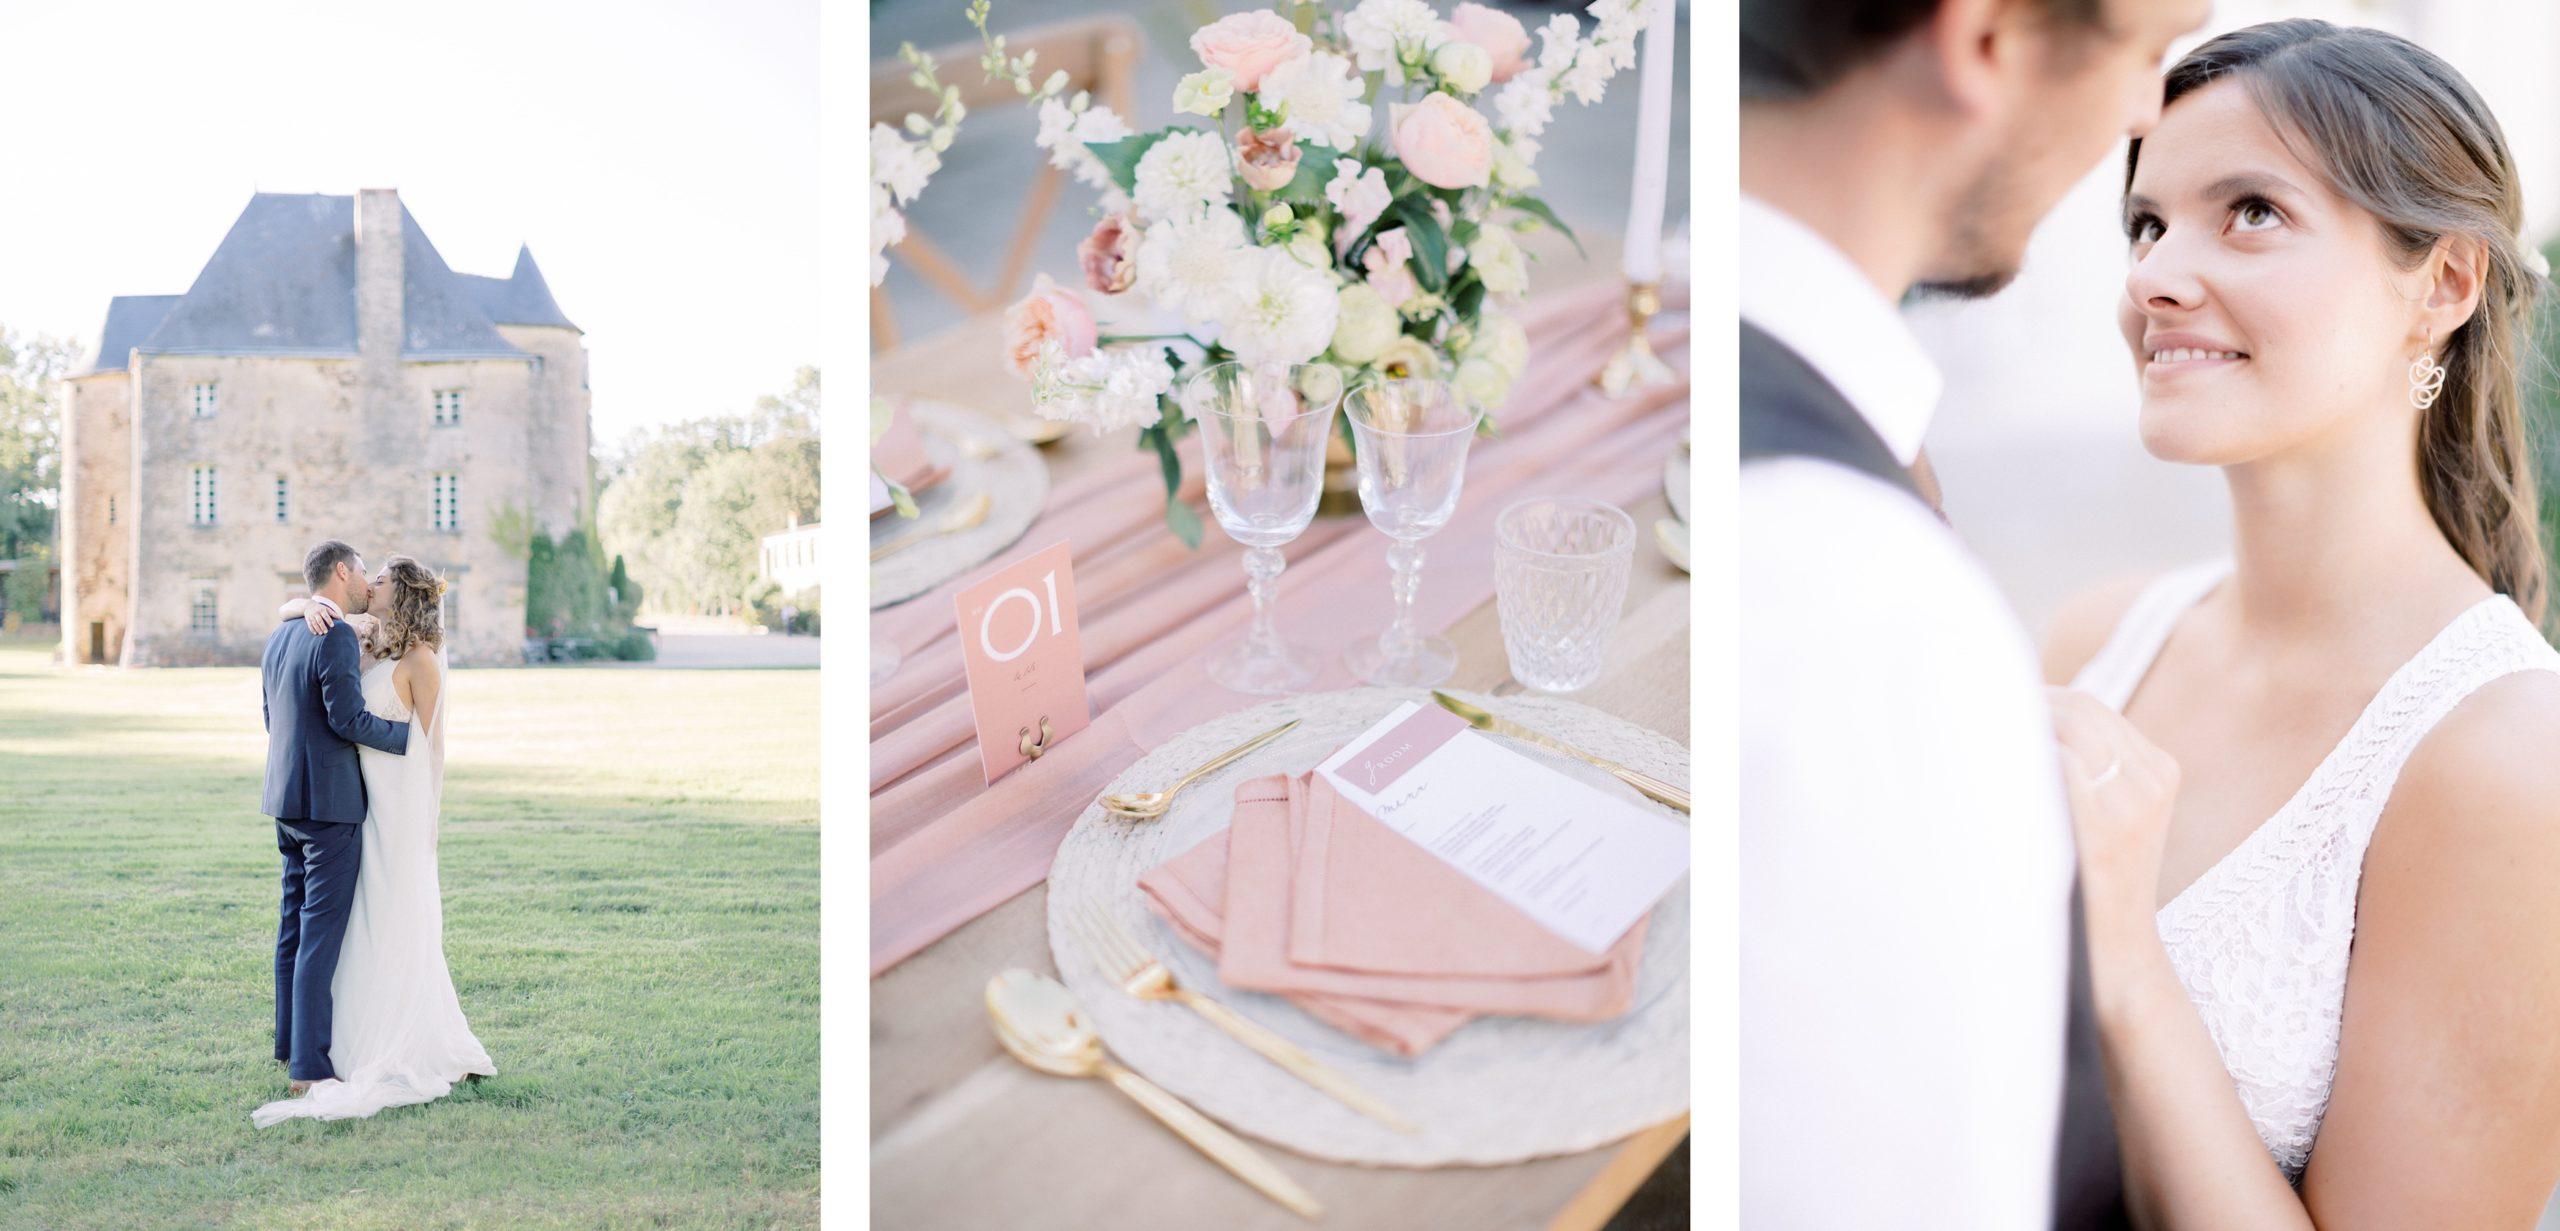 photographe-mariage-bretagne-scaled